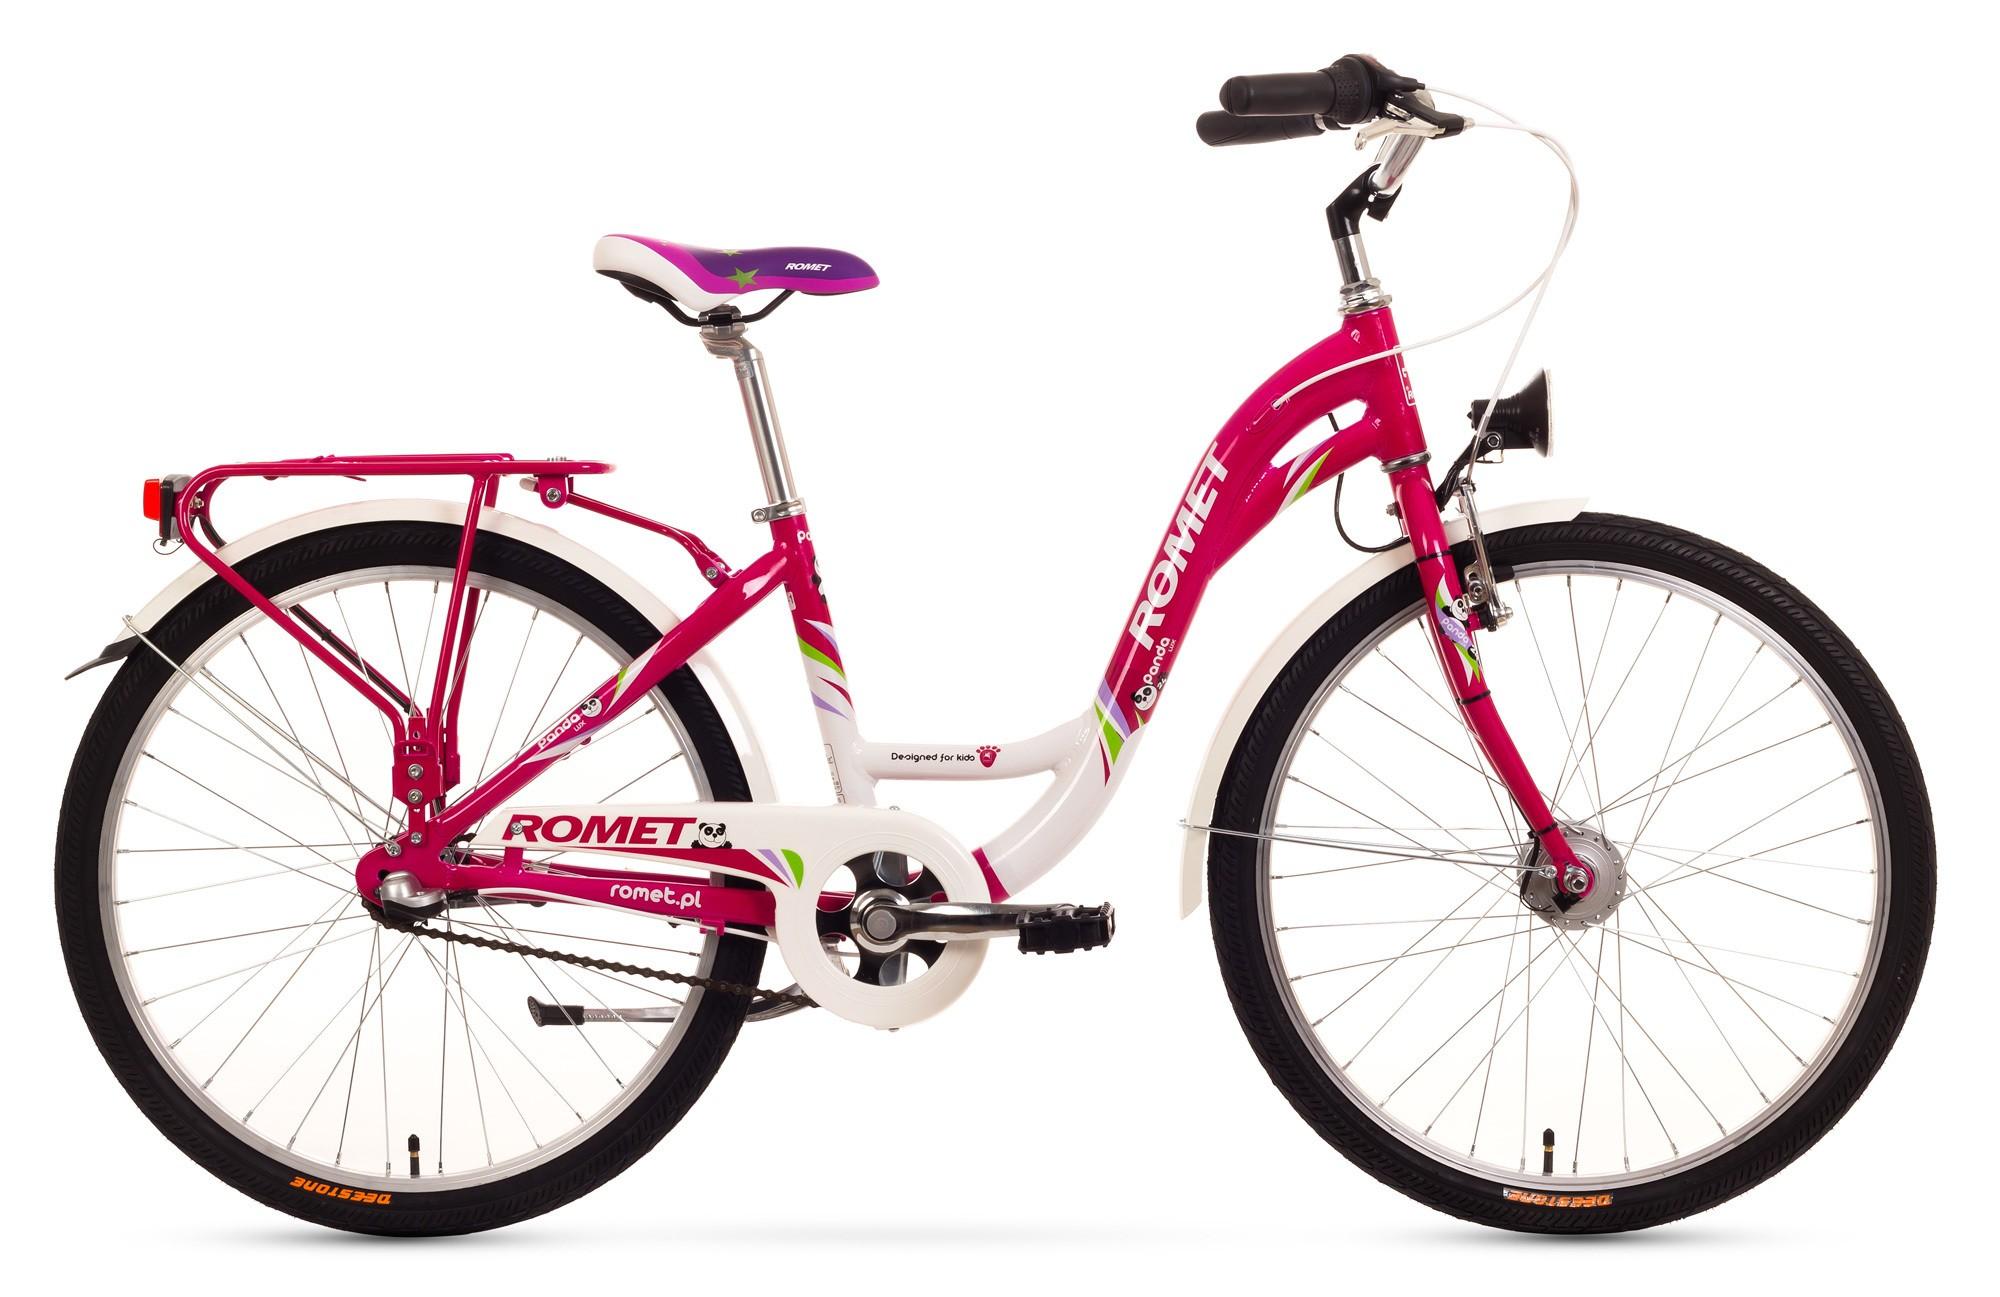 Bicicleta de copii Romet Panda 24 lux - roz